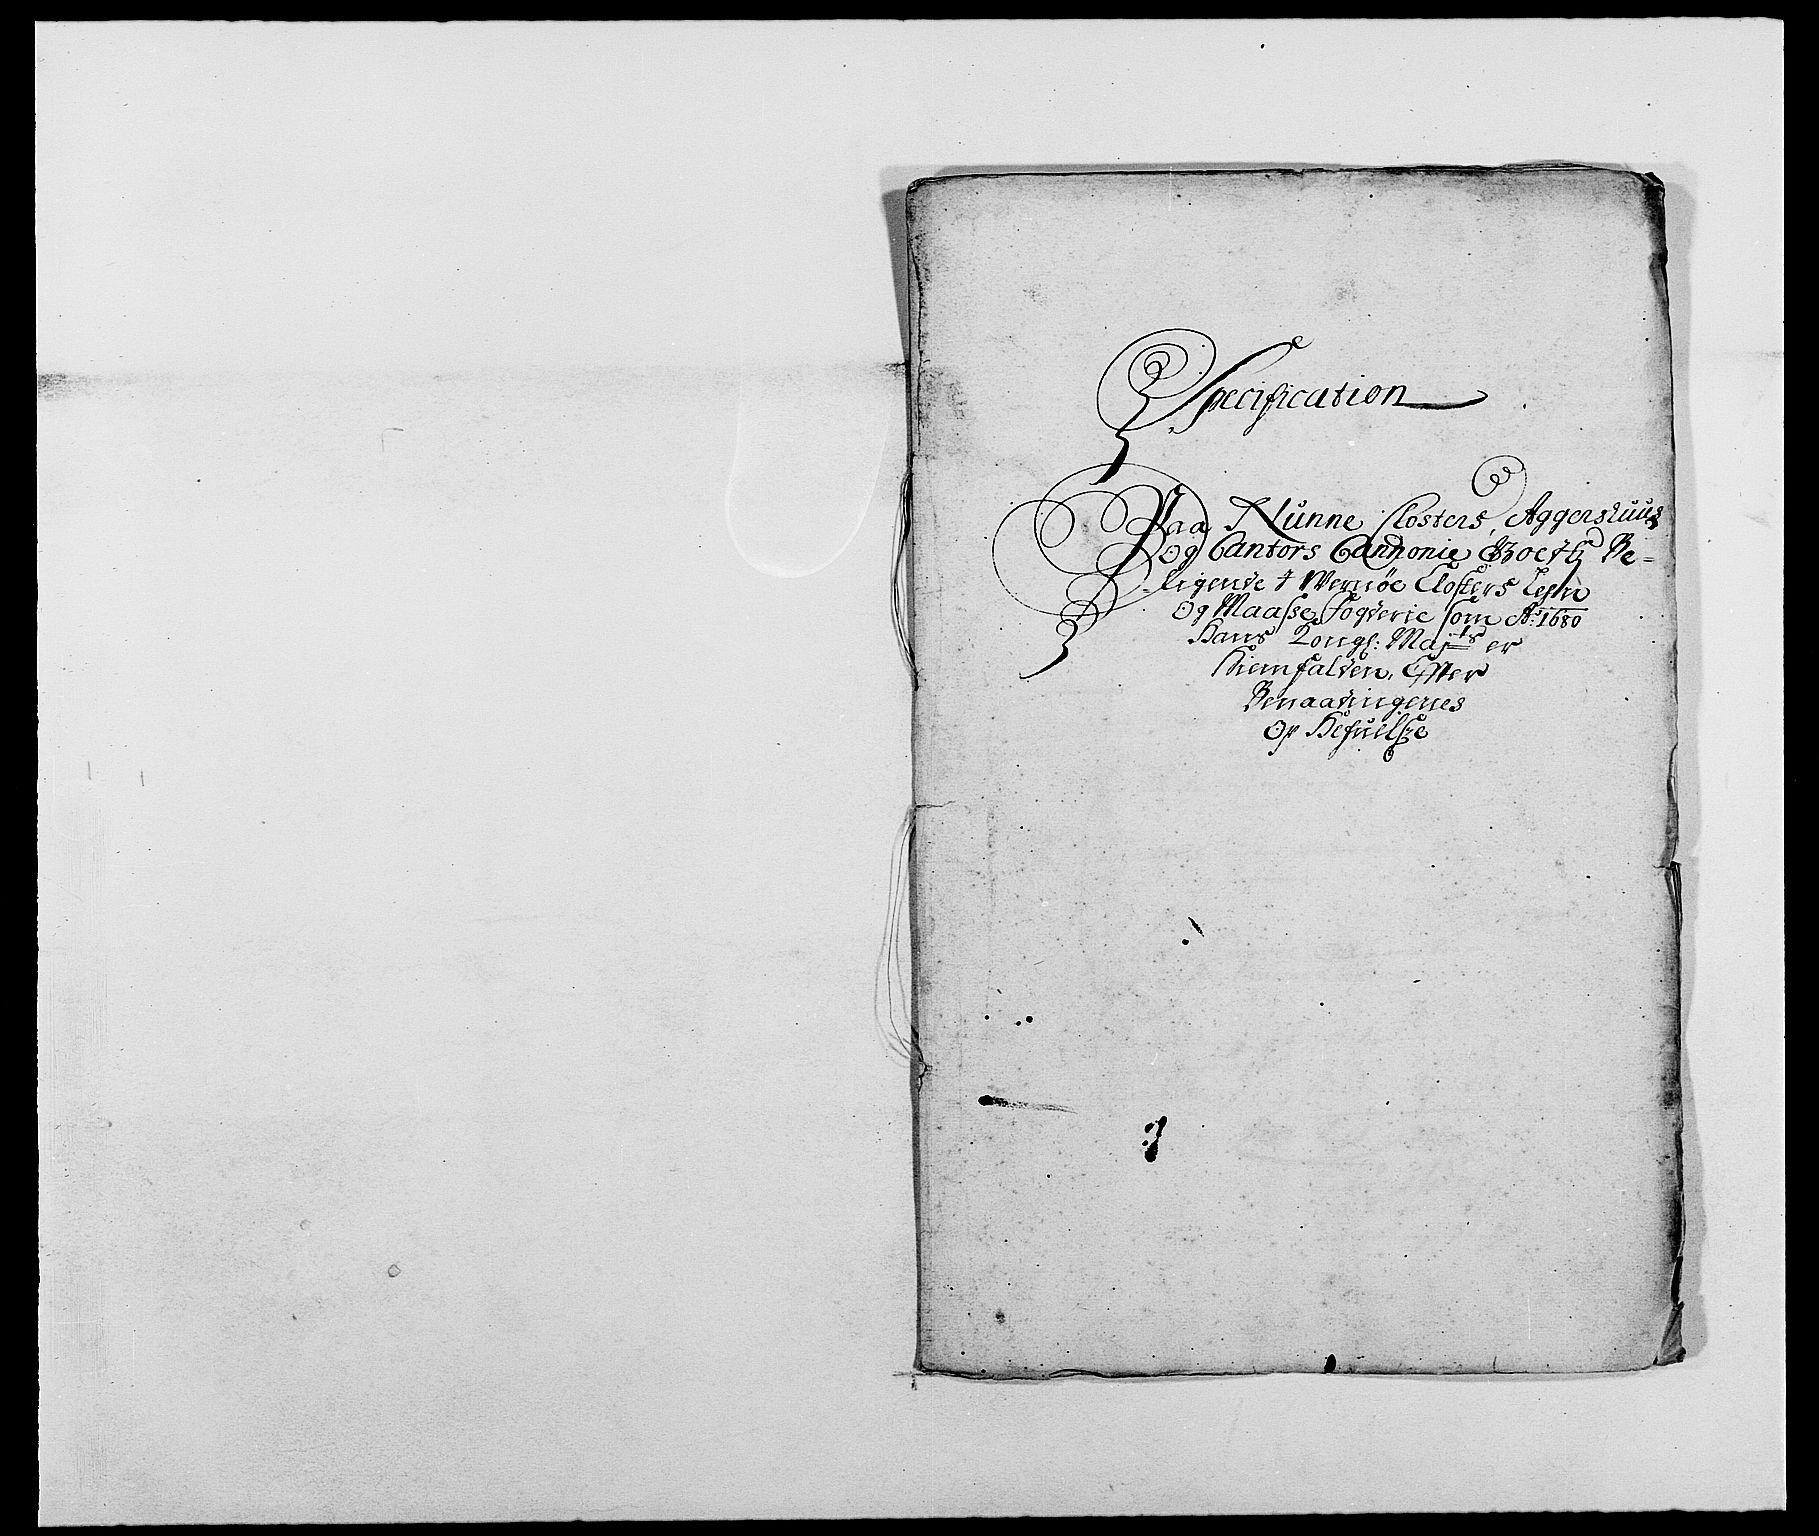 RA, Rentekammeret inntil 1814, Reviderte regnskaper, Fogderegnskap, R02/L0101: Fogderegnskap Moss og Verne kloster, 1680, s. 238